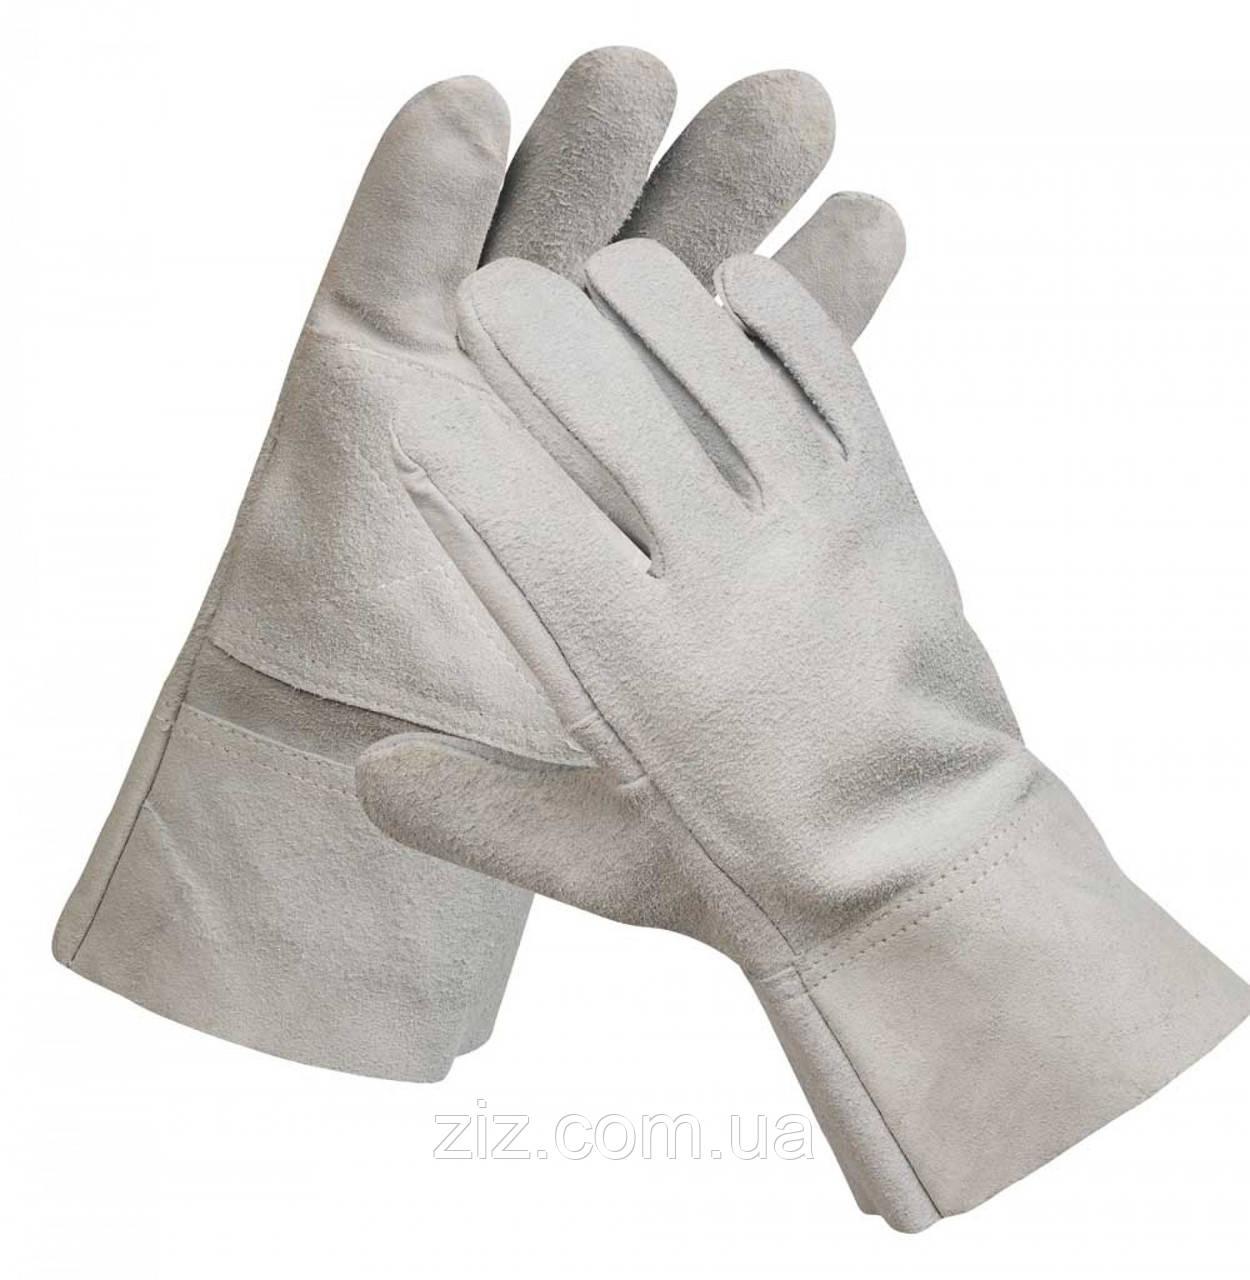 SNIPE WINTER Утеплені шкіряні рукавички